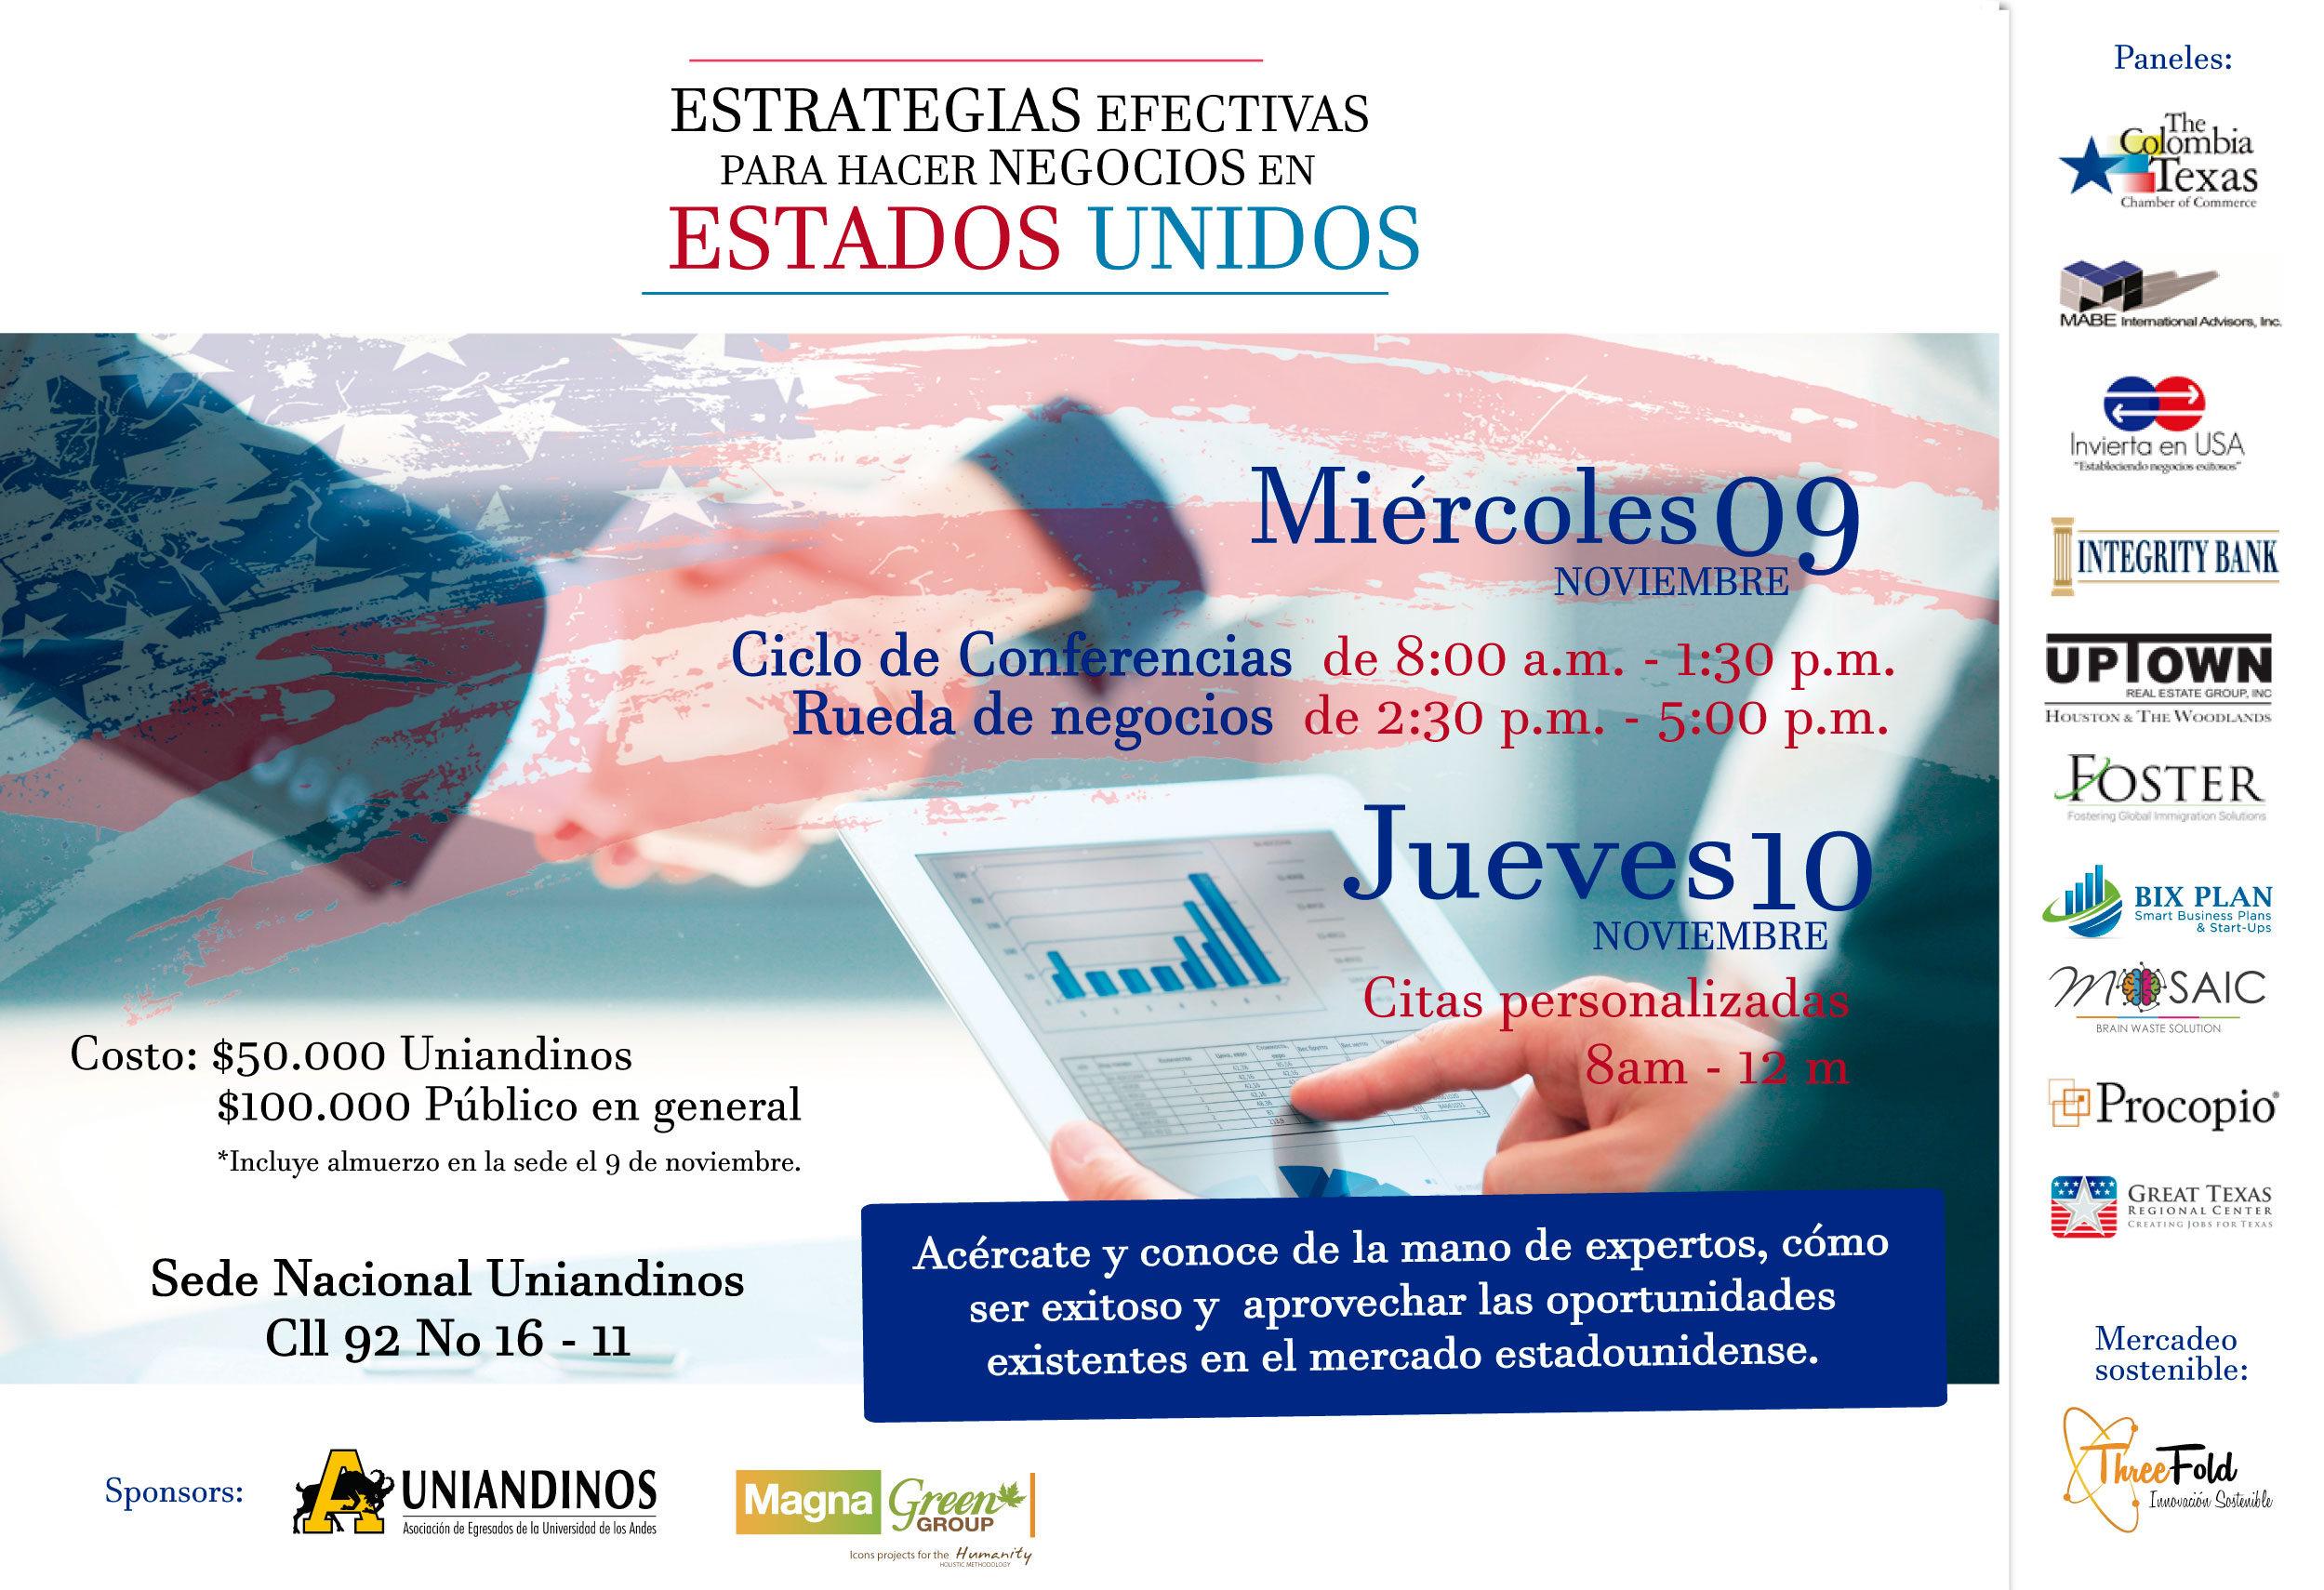 Seminario en Colombia